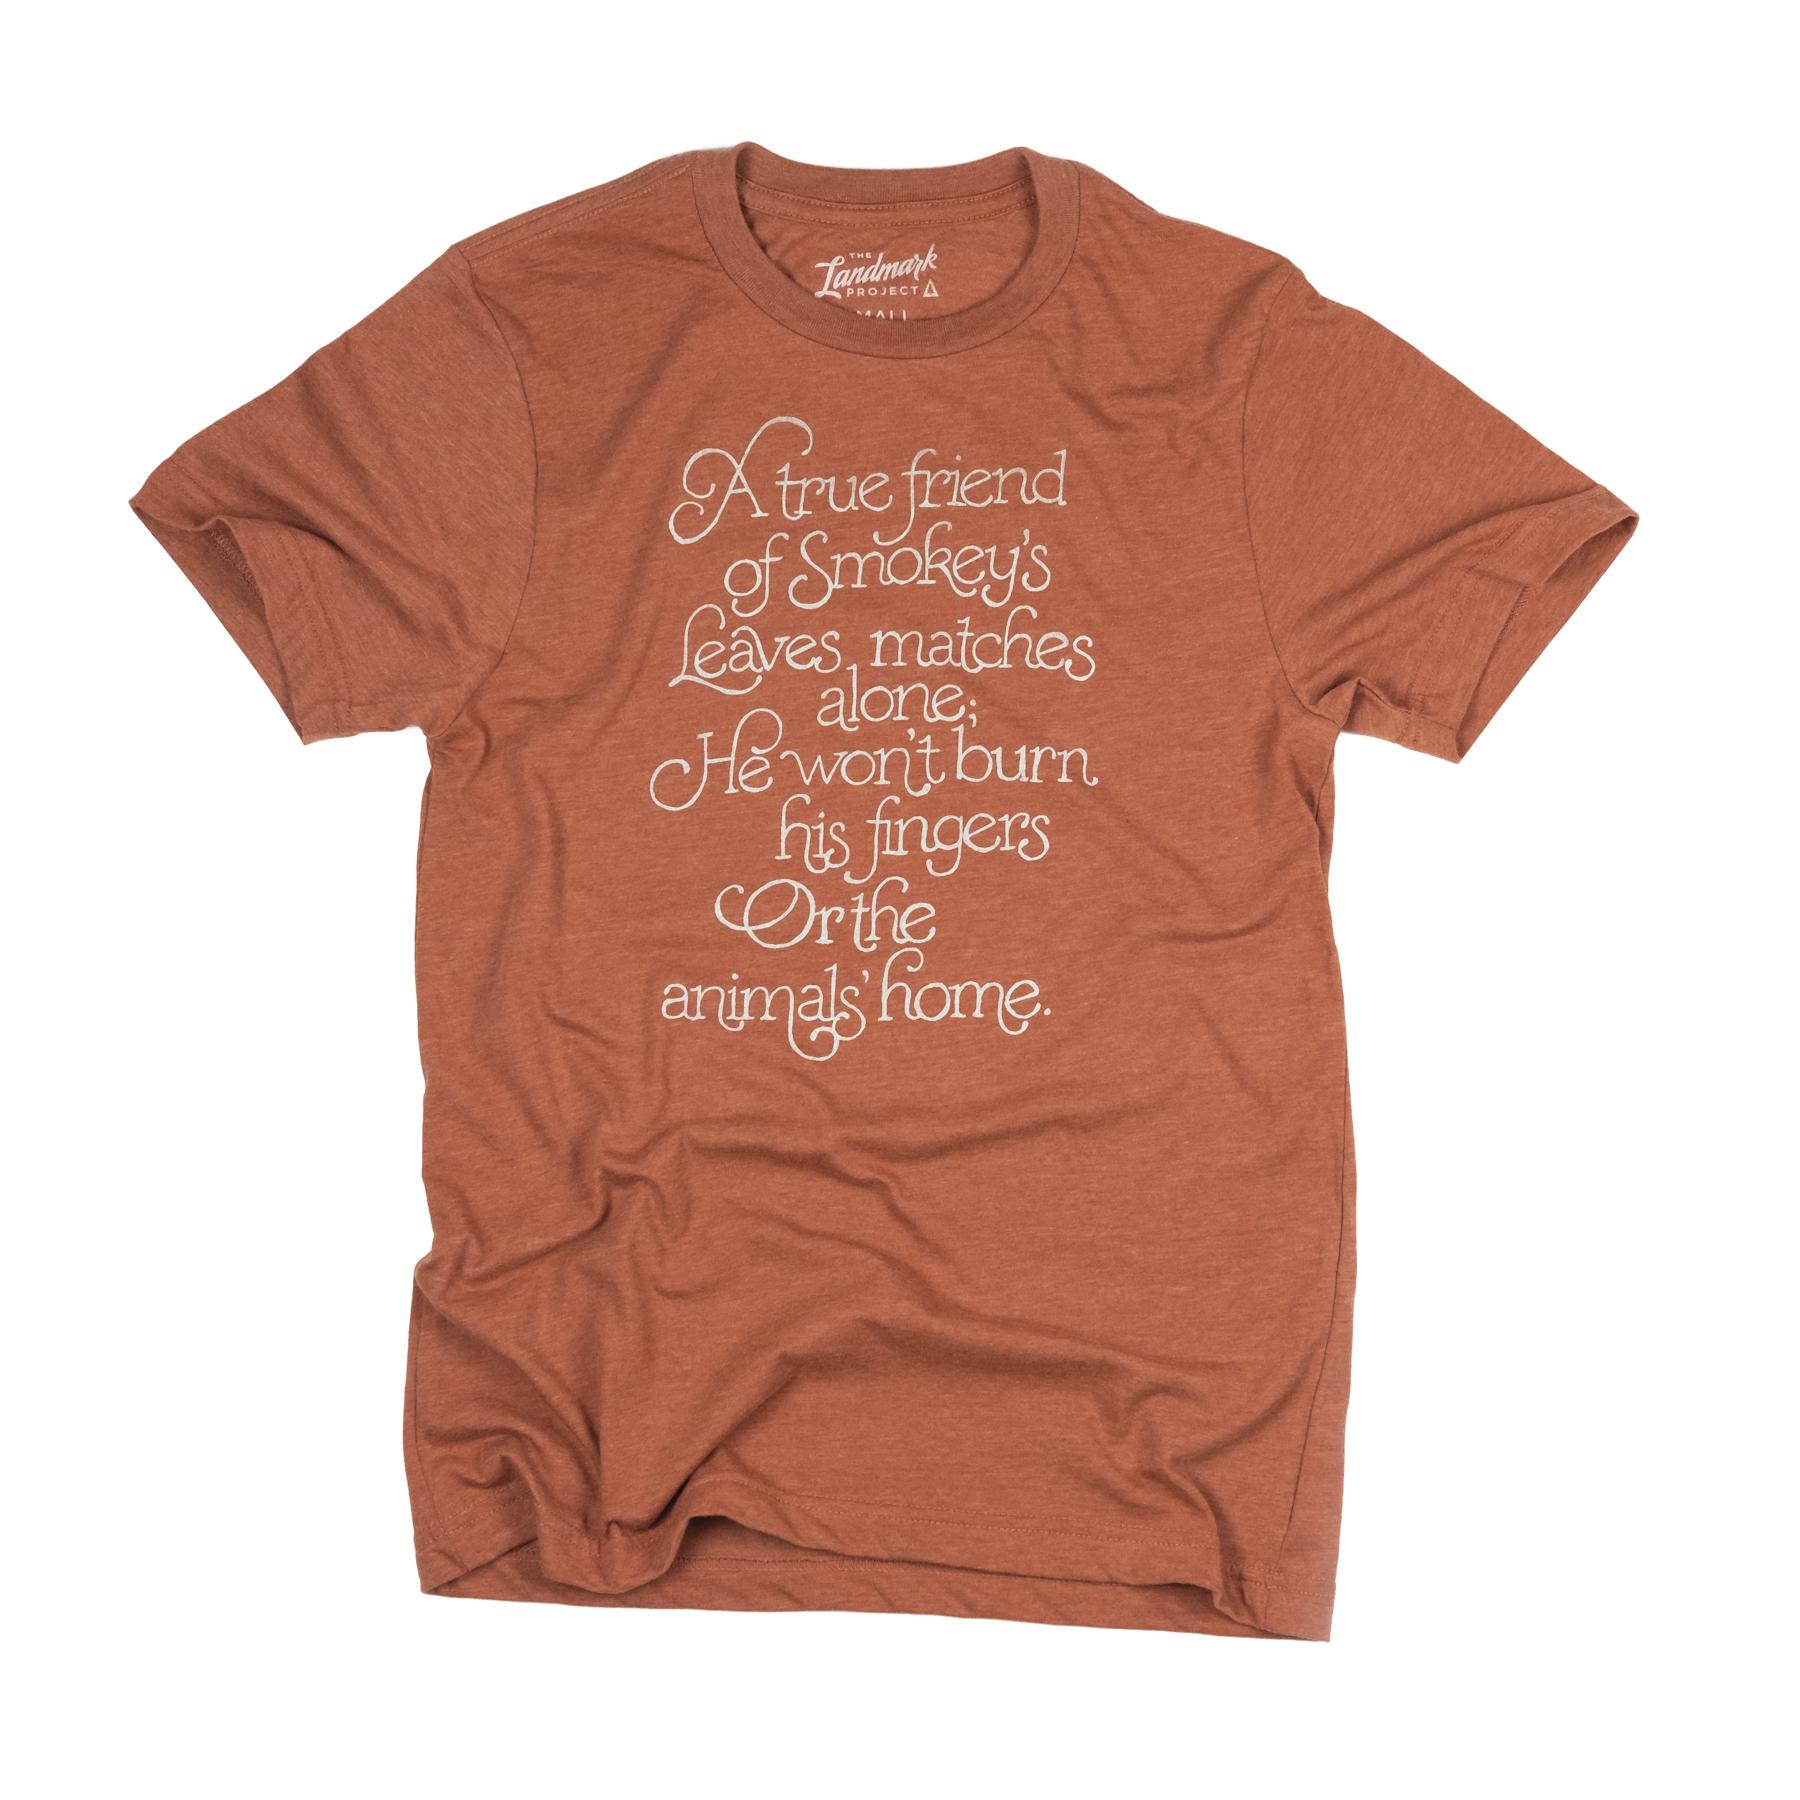 friend-of-smokey-shirt-1.jpg